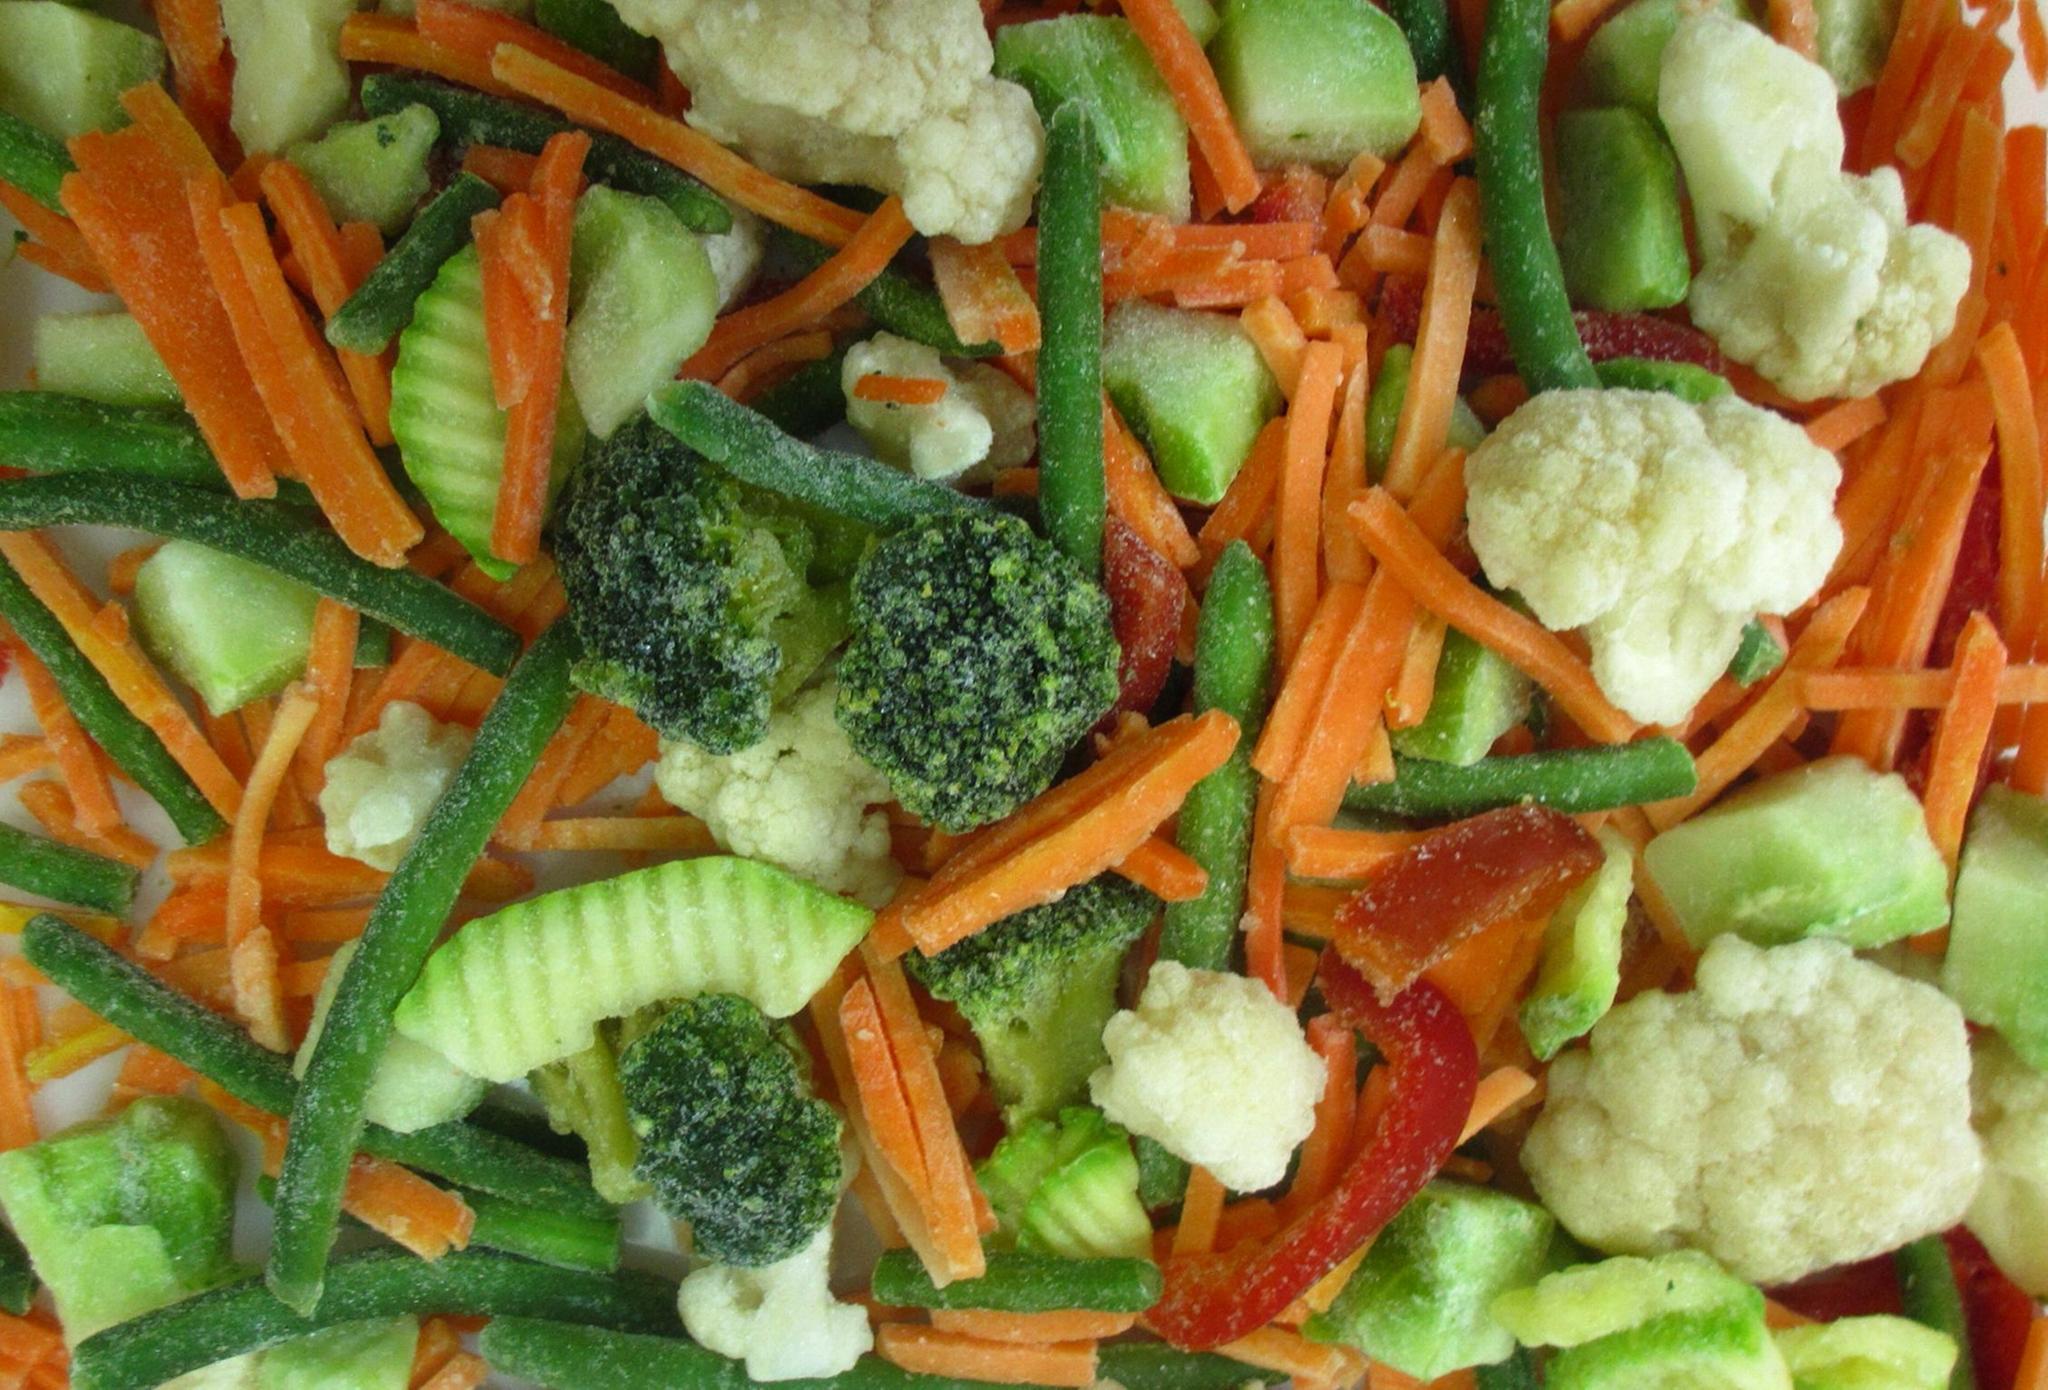 冷凍混合蔬菜,速凍混合蔬菜 5